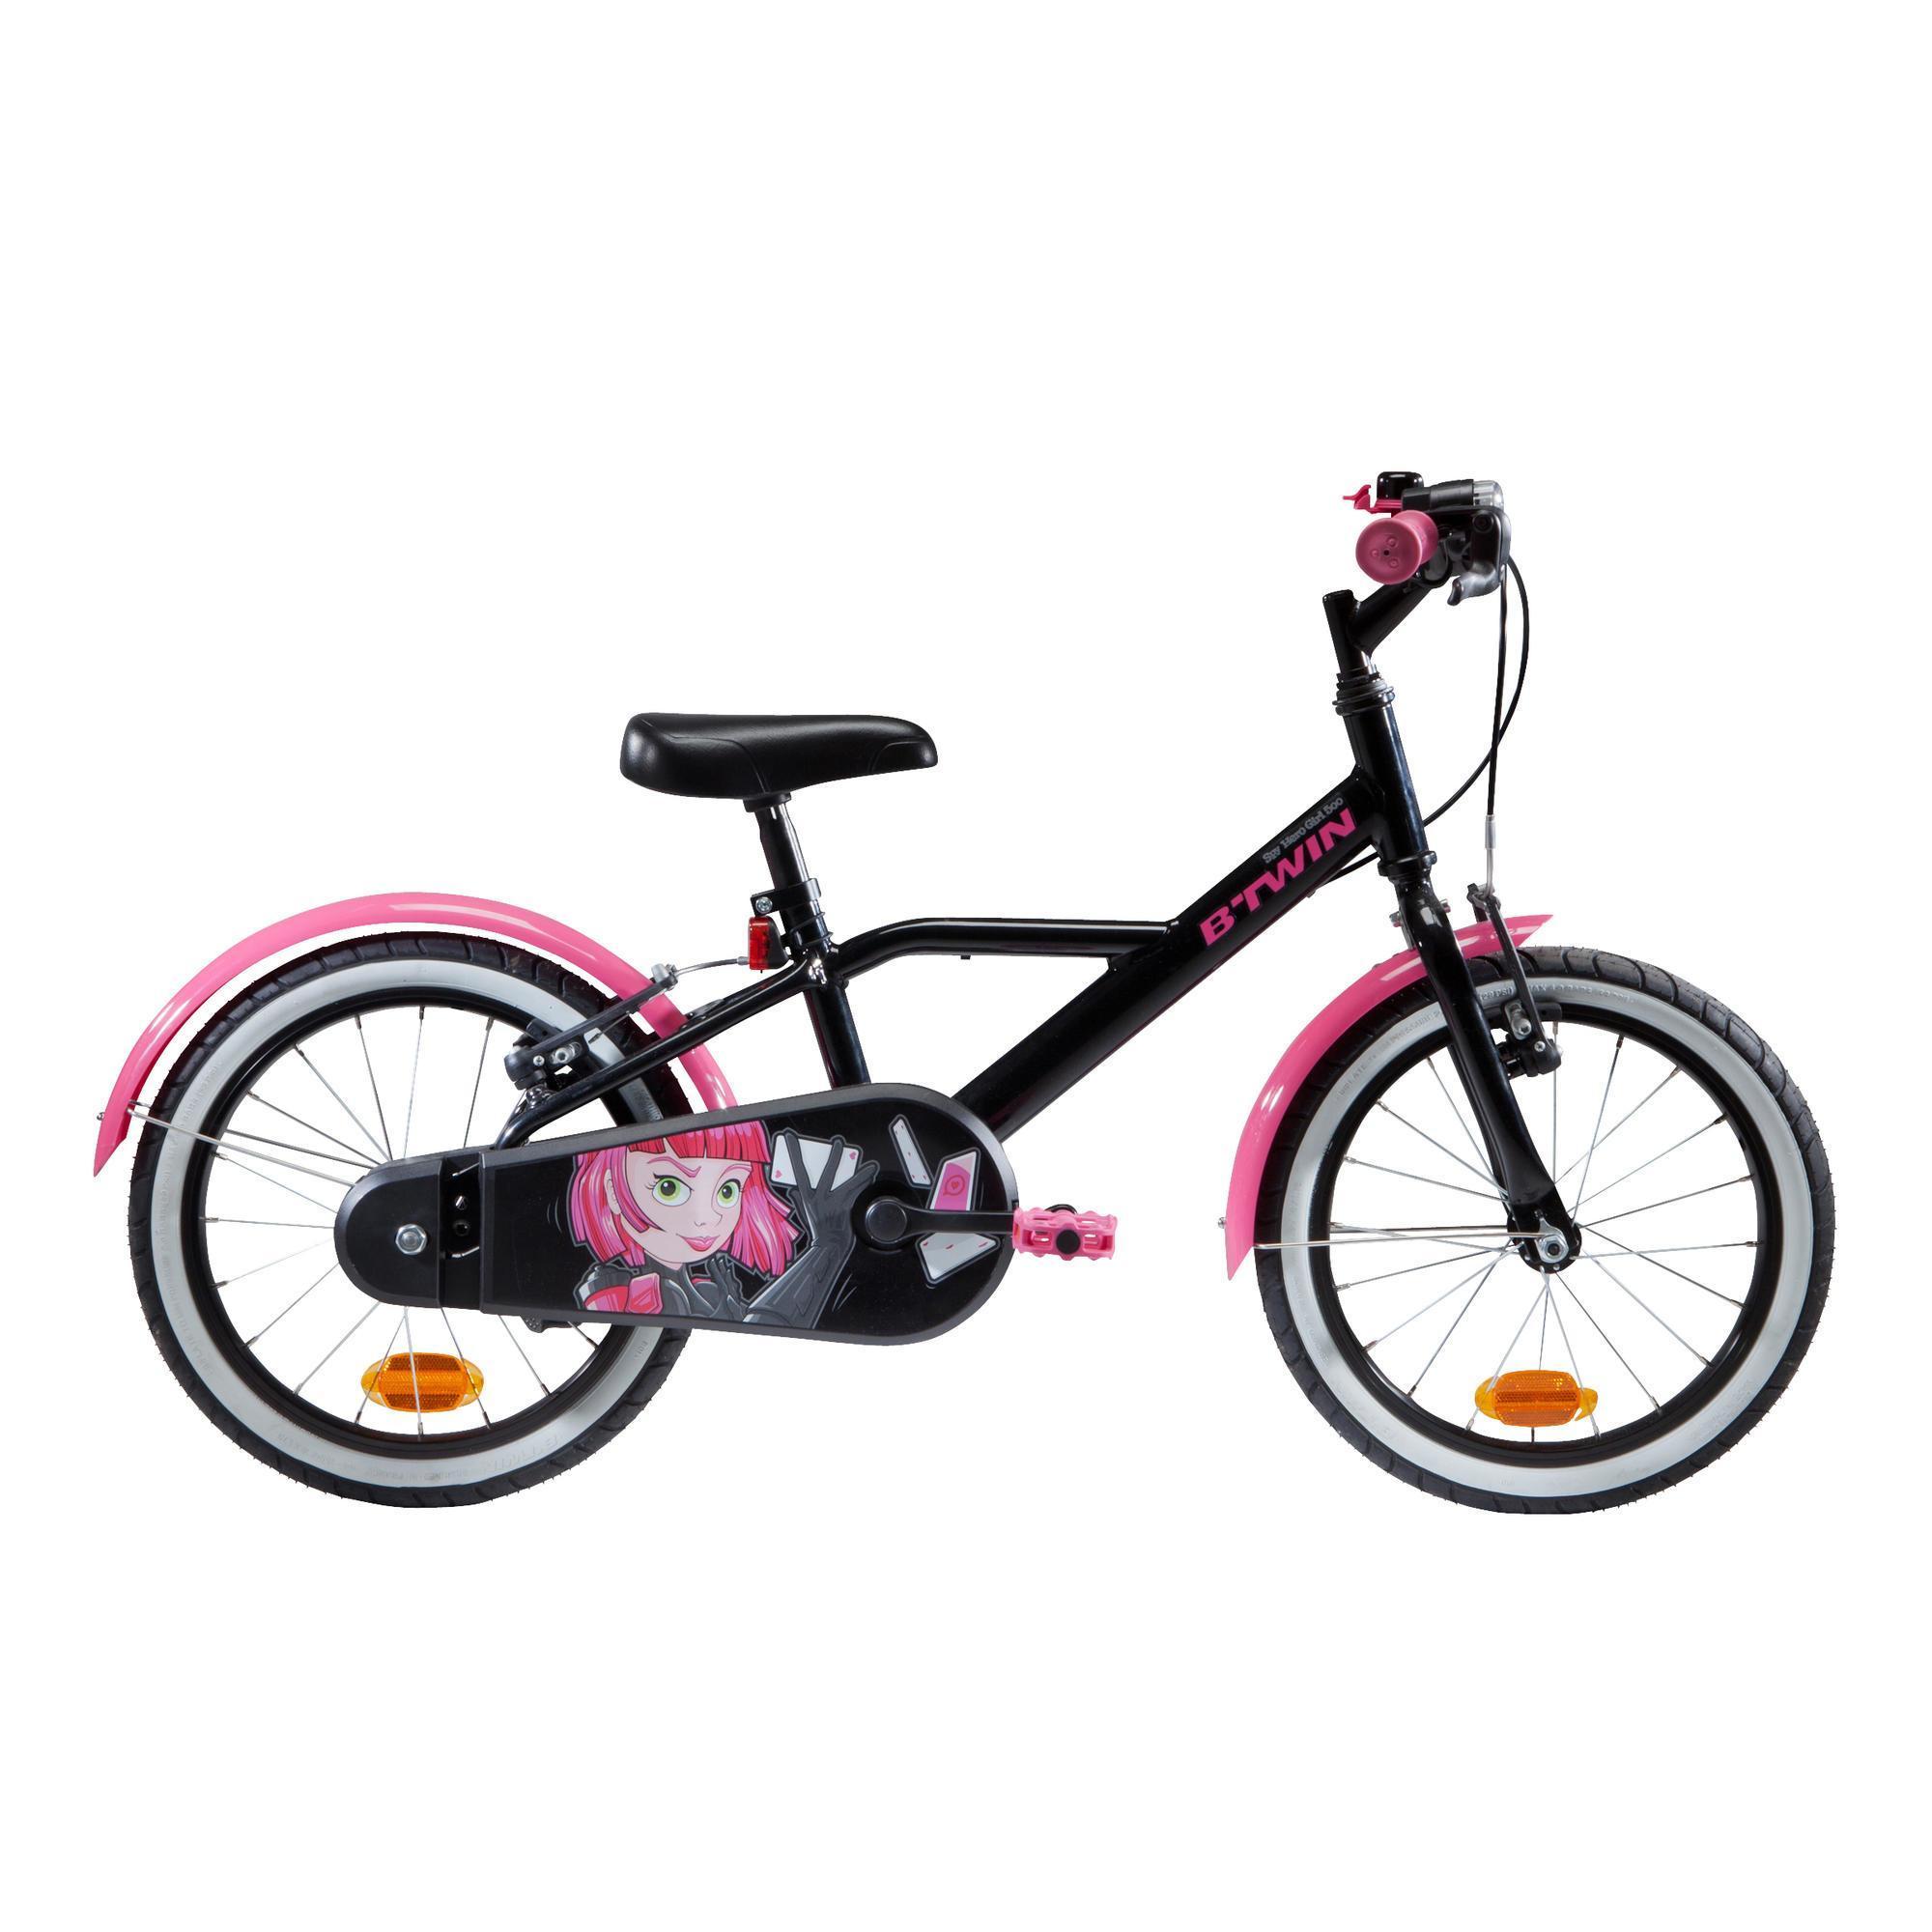 Vélo Enfant 3 À 6 Ans : Vélo 14 Et 16 Pouces | Decathlon tout Jeux Gratuit Pour Fille De 6 Ans